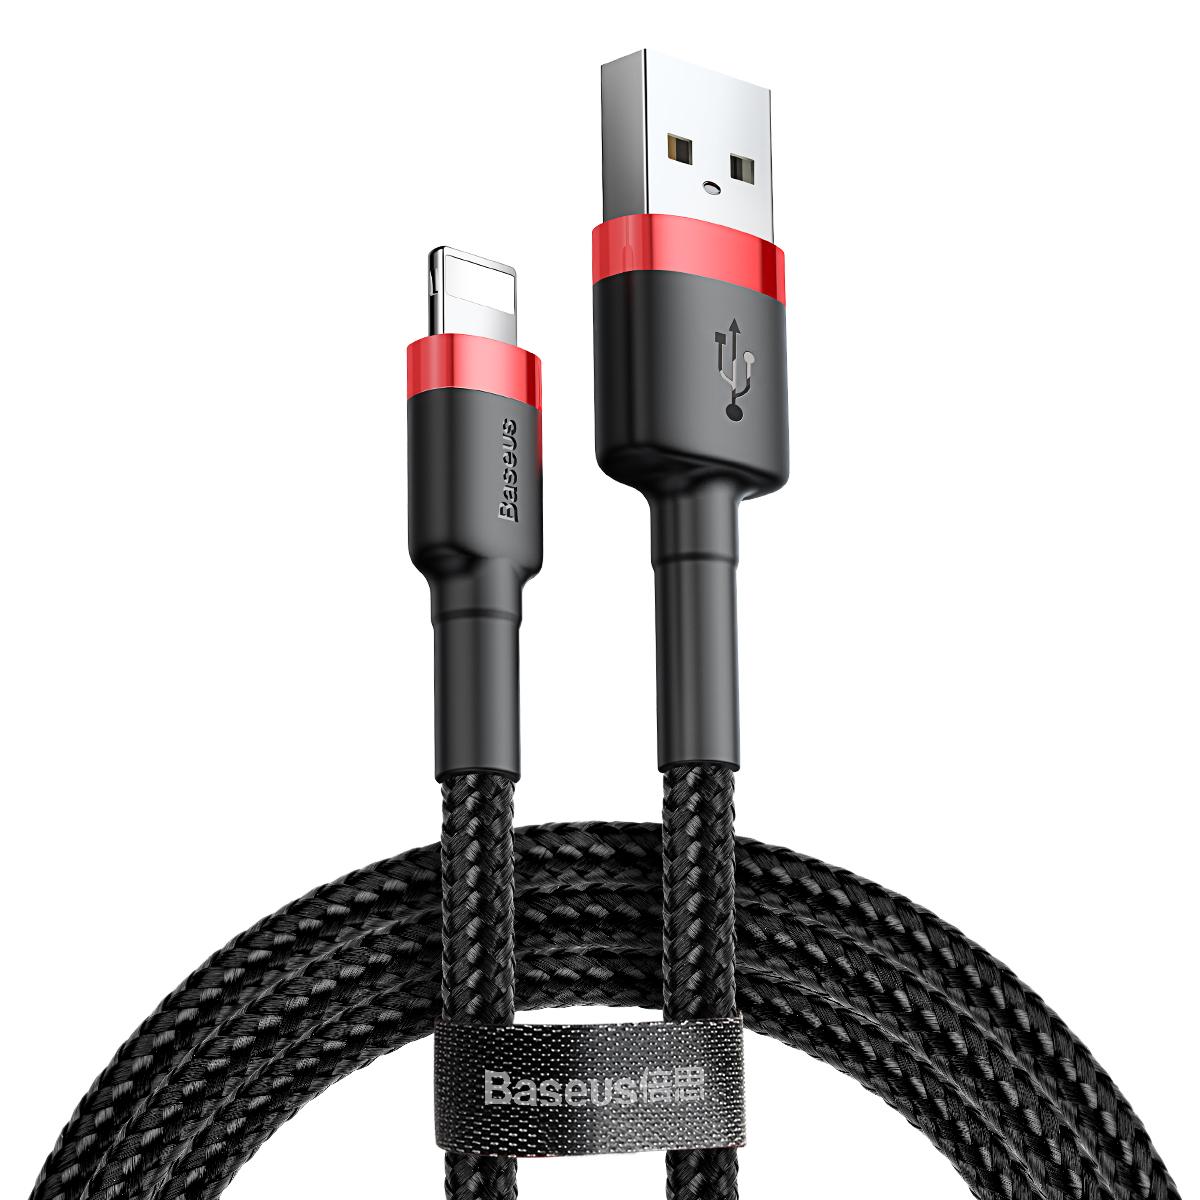 کابل تبدیل USB به لایتنینگ باسئوس مدل CALKLF-BG1 طول 1 متر              ( قیمت و خرید)